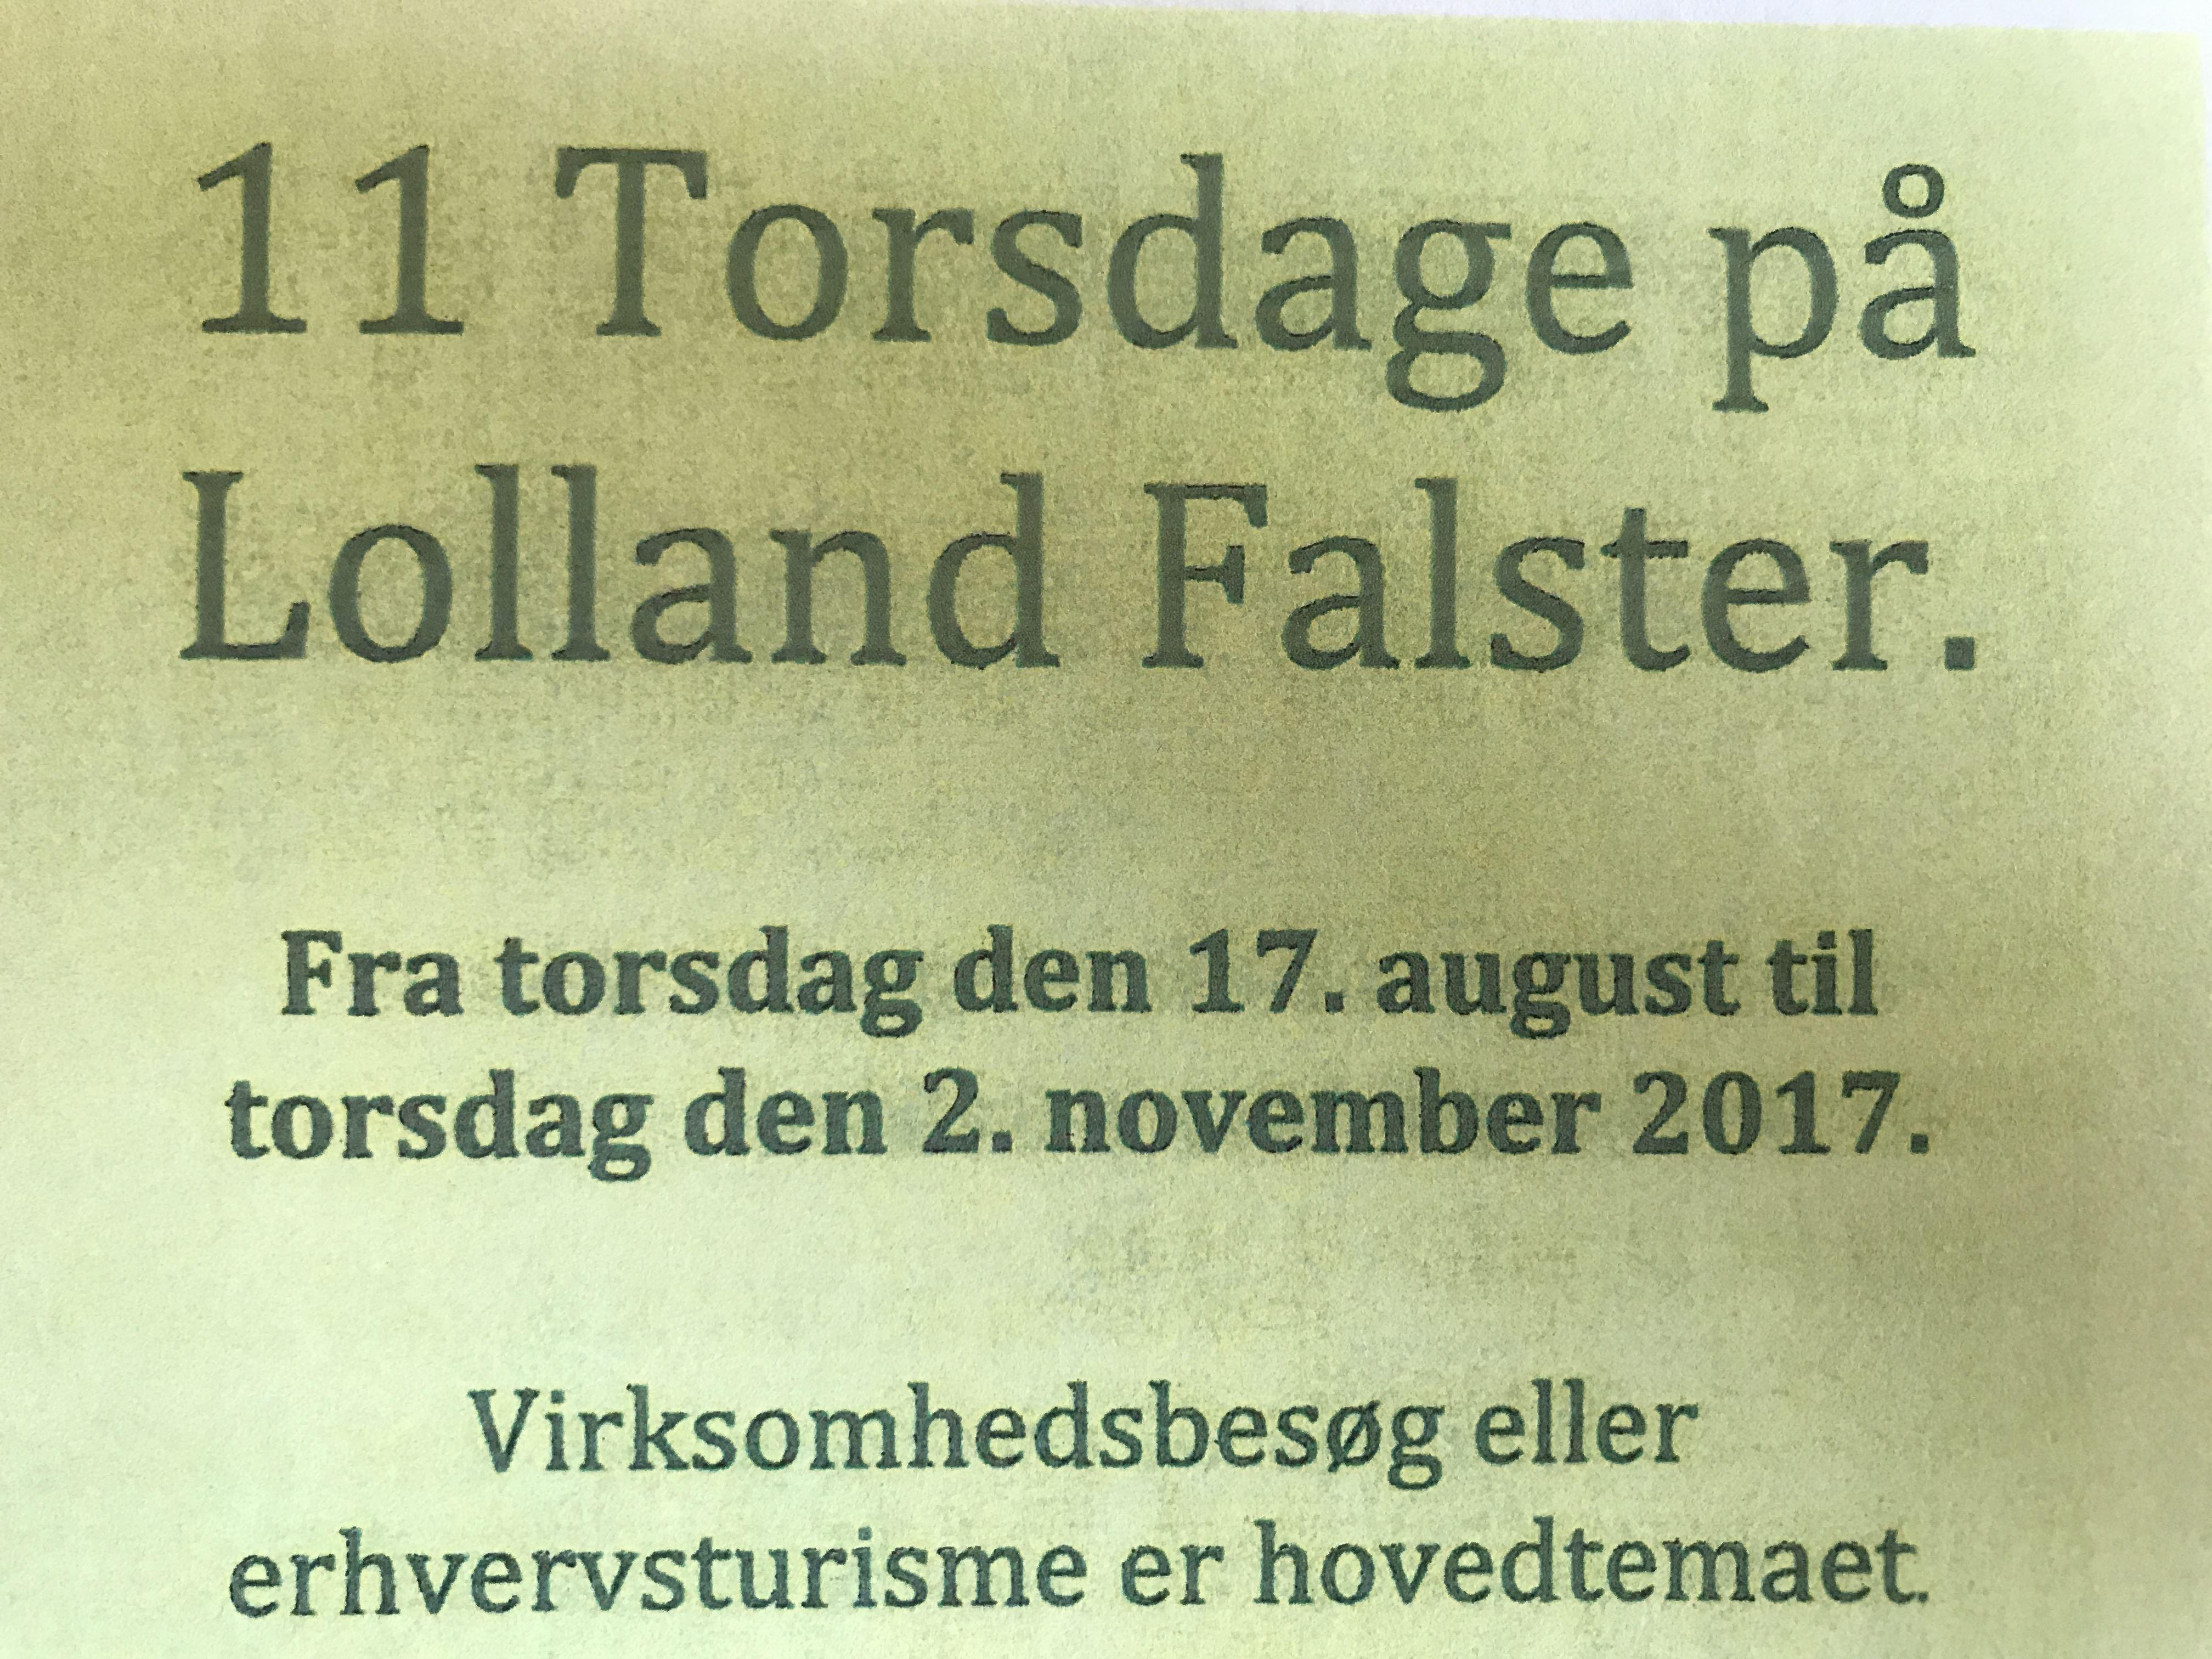 11 torsdage på Lolland Falster - Trætteskovgård Kartoffelcentral